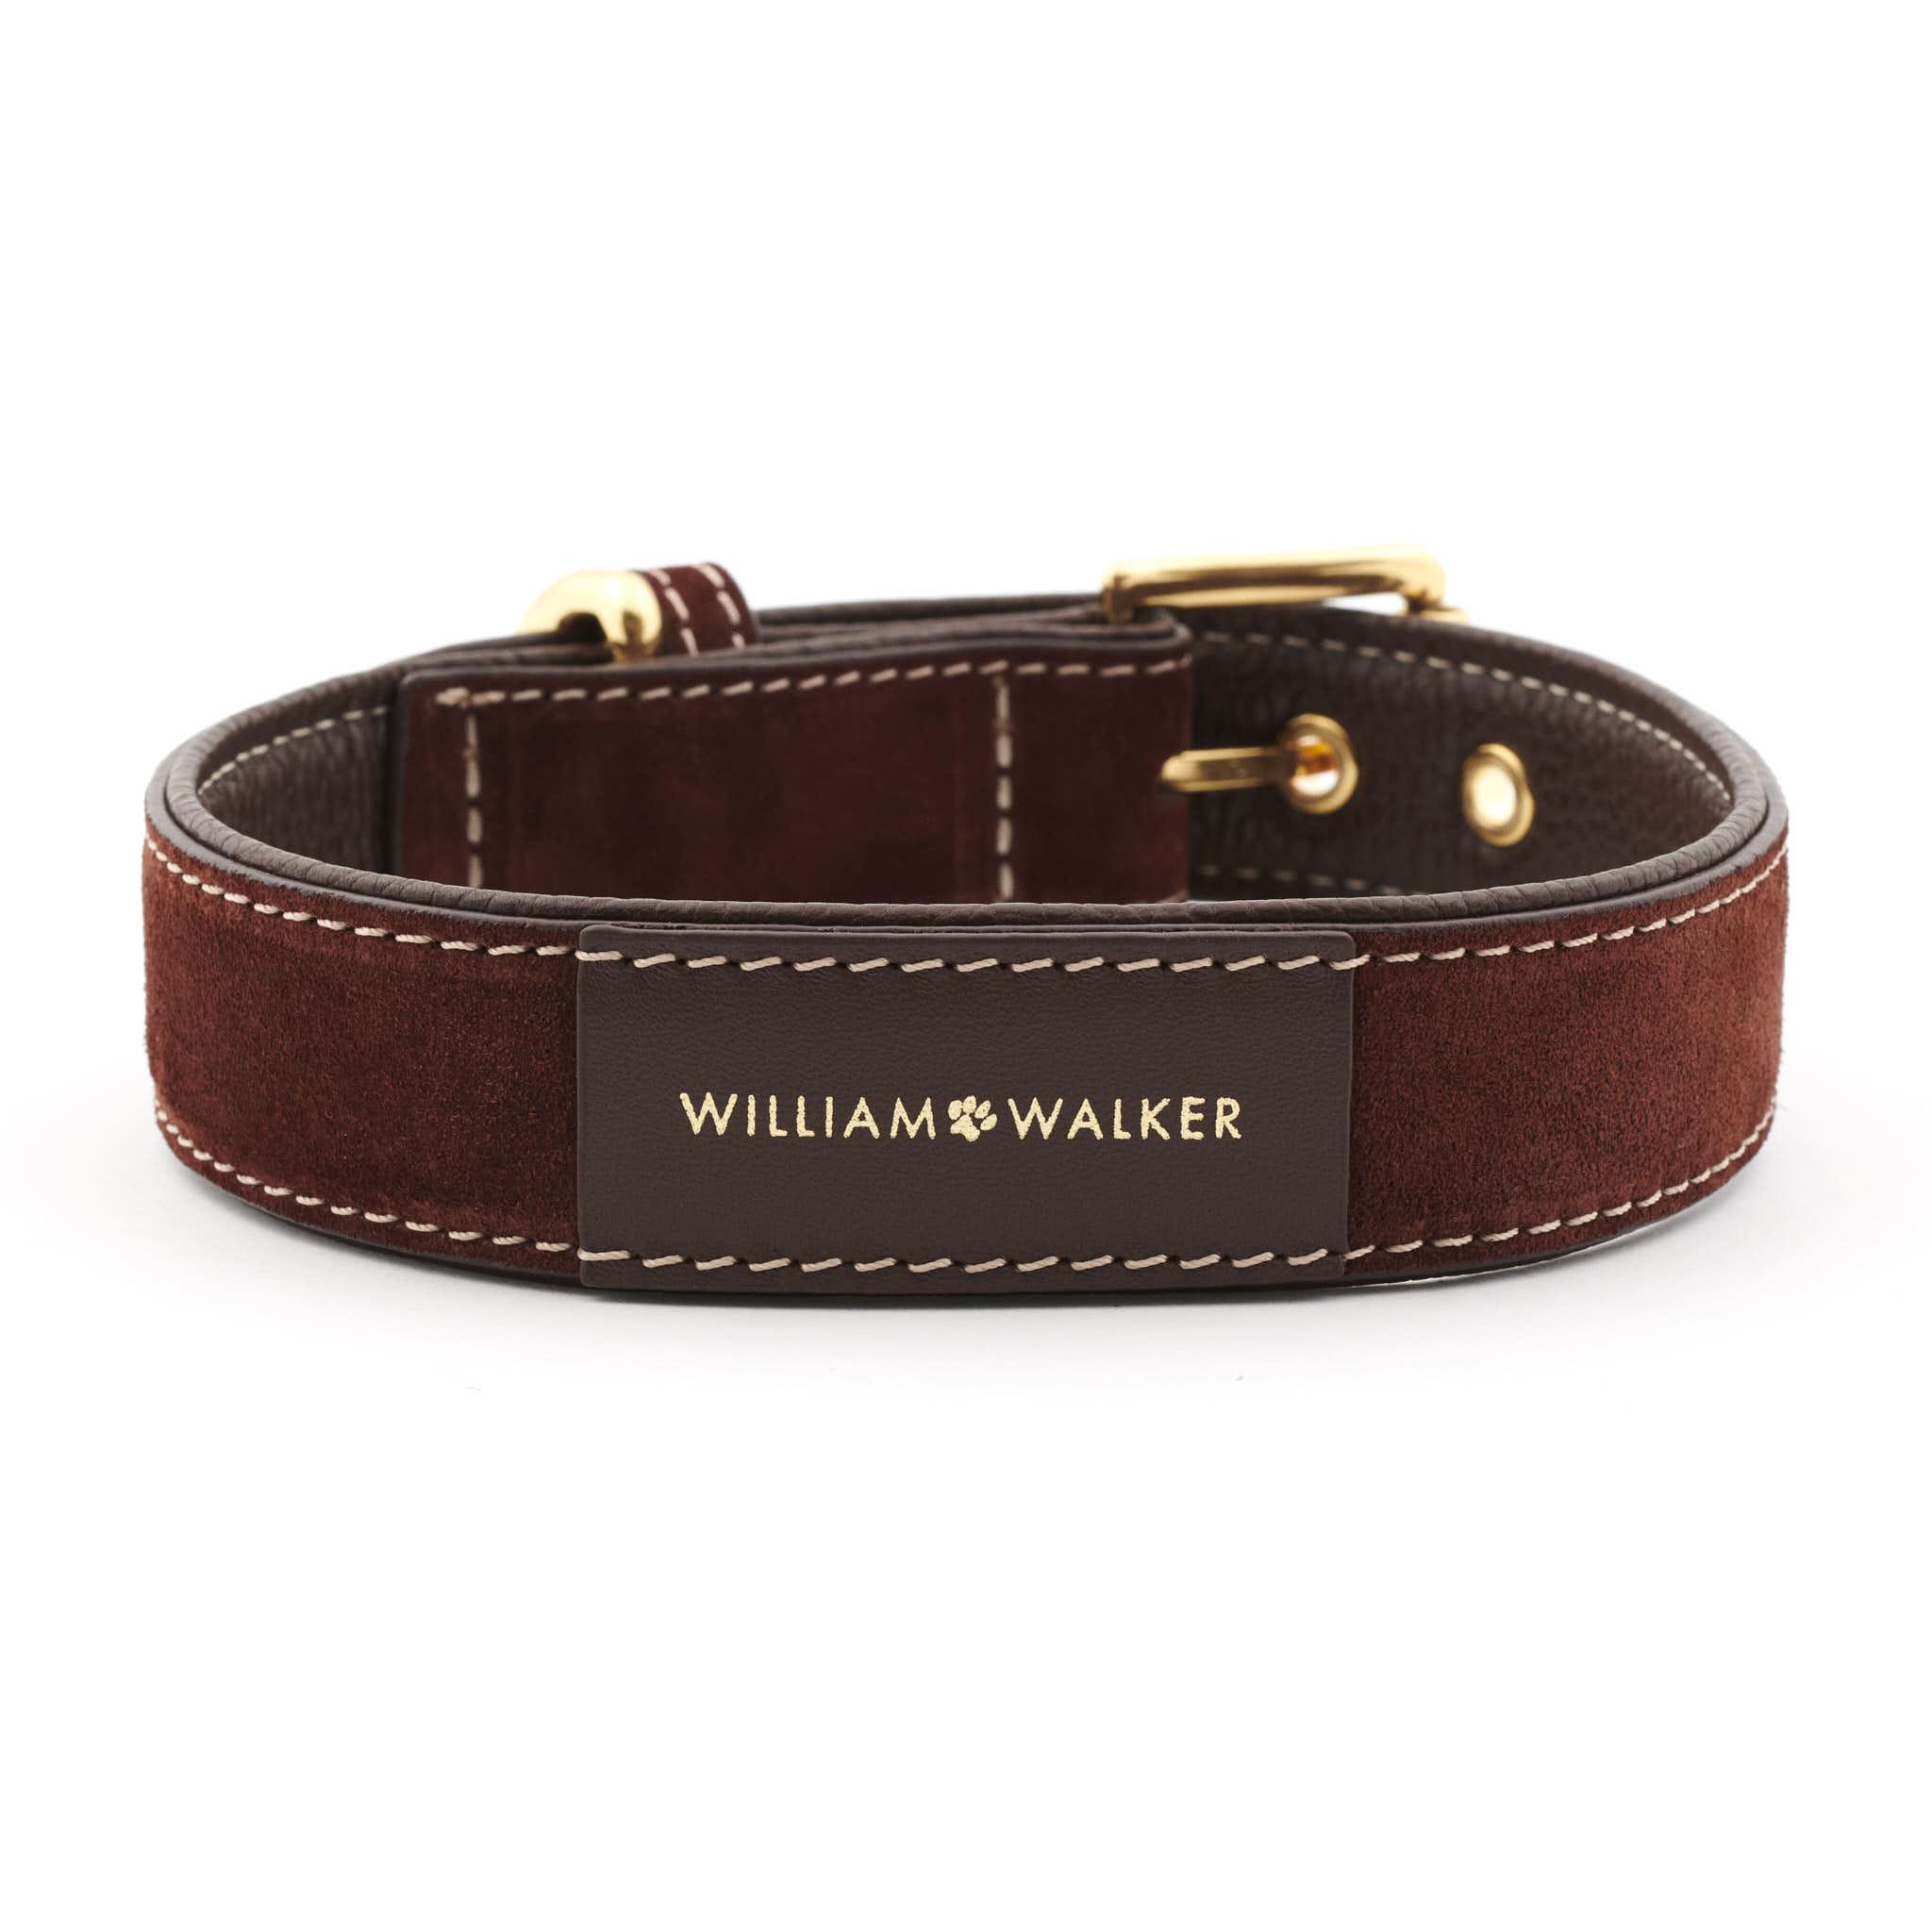 Hundehalsband BROWN William Walker dunkelbraun front_(1)